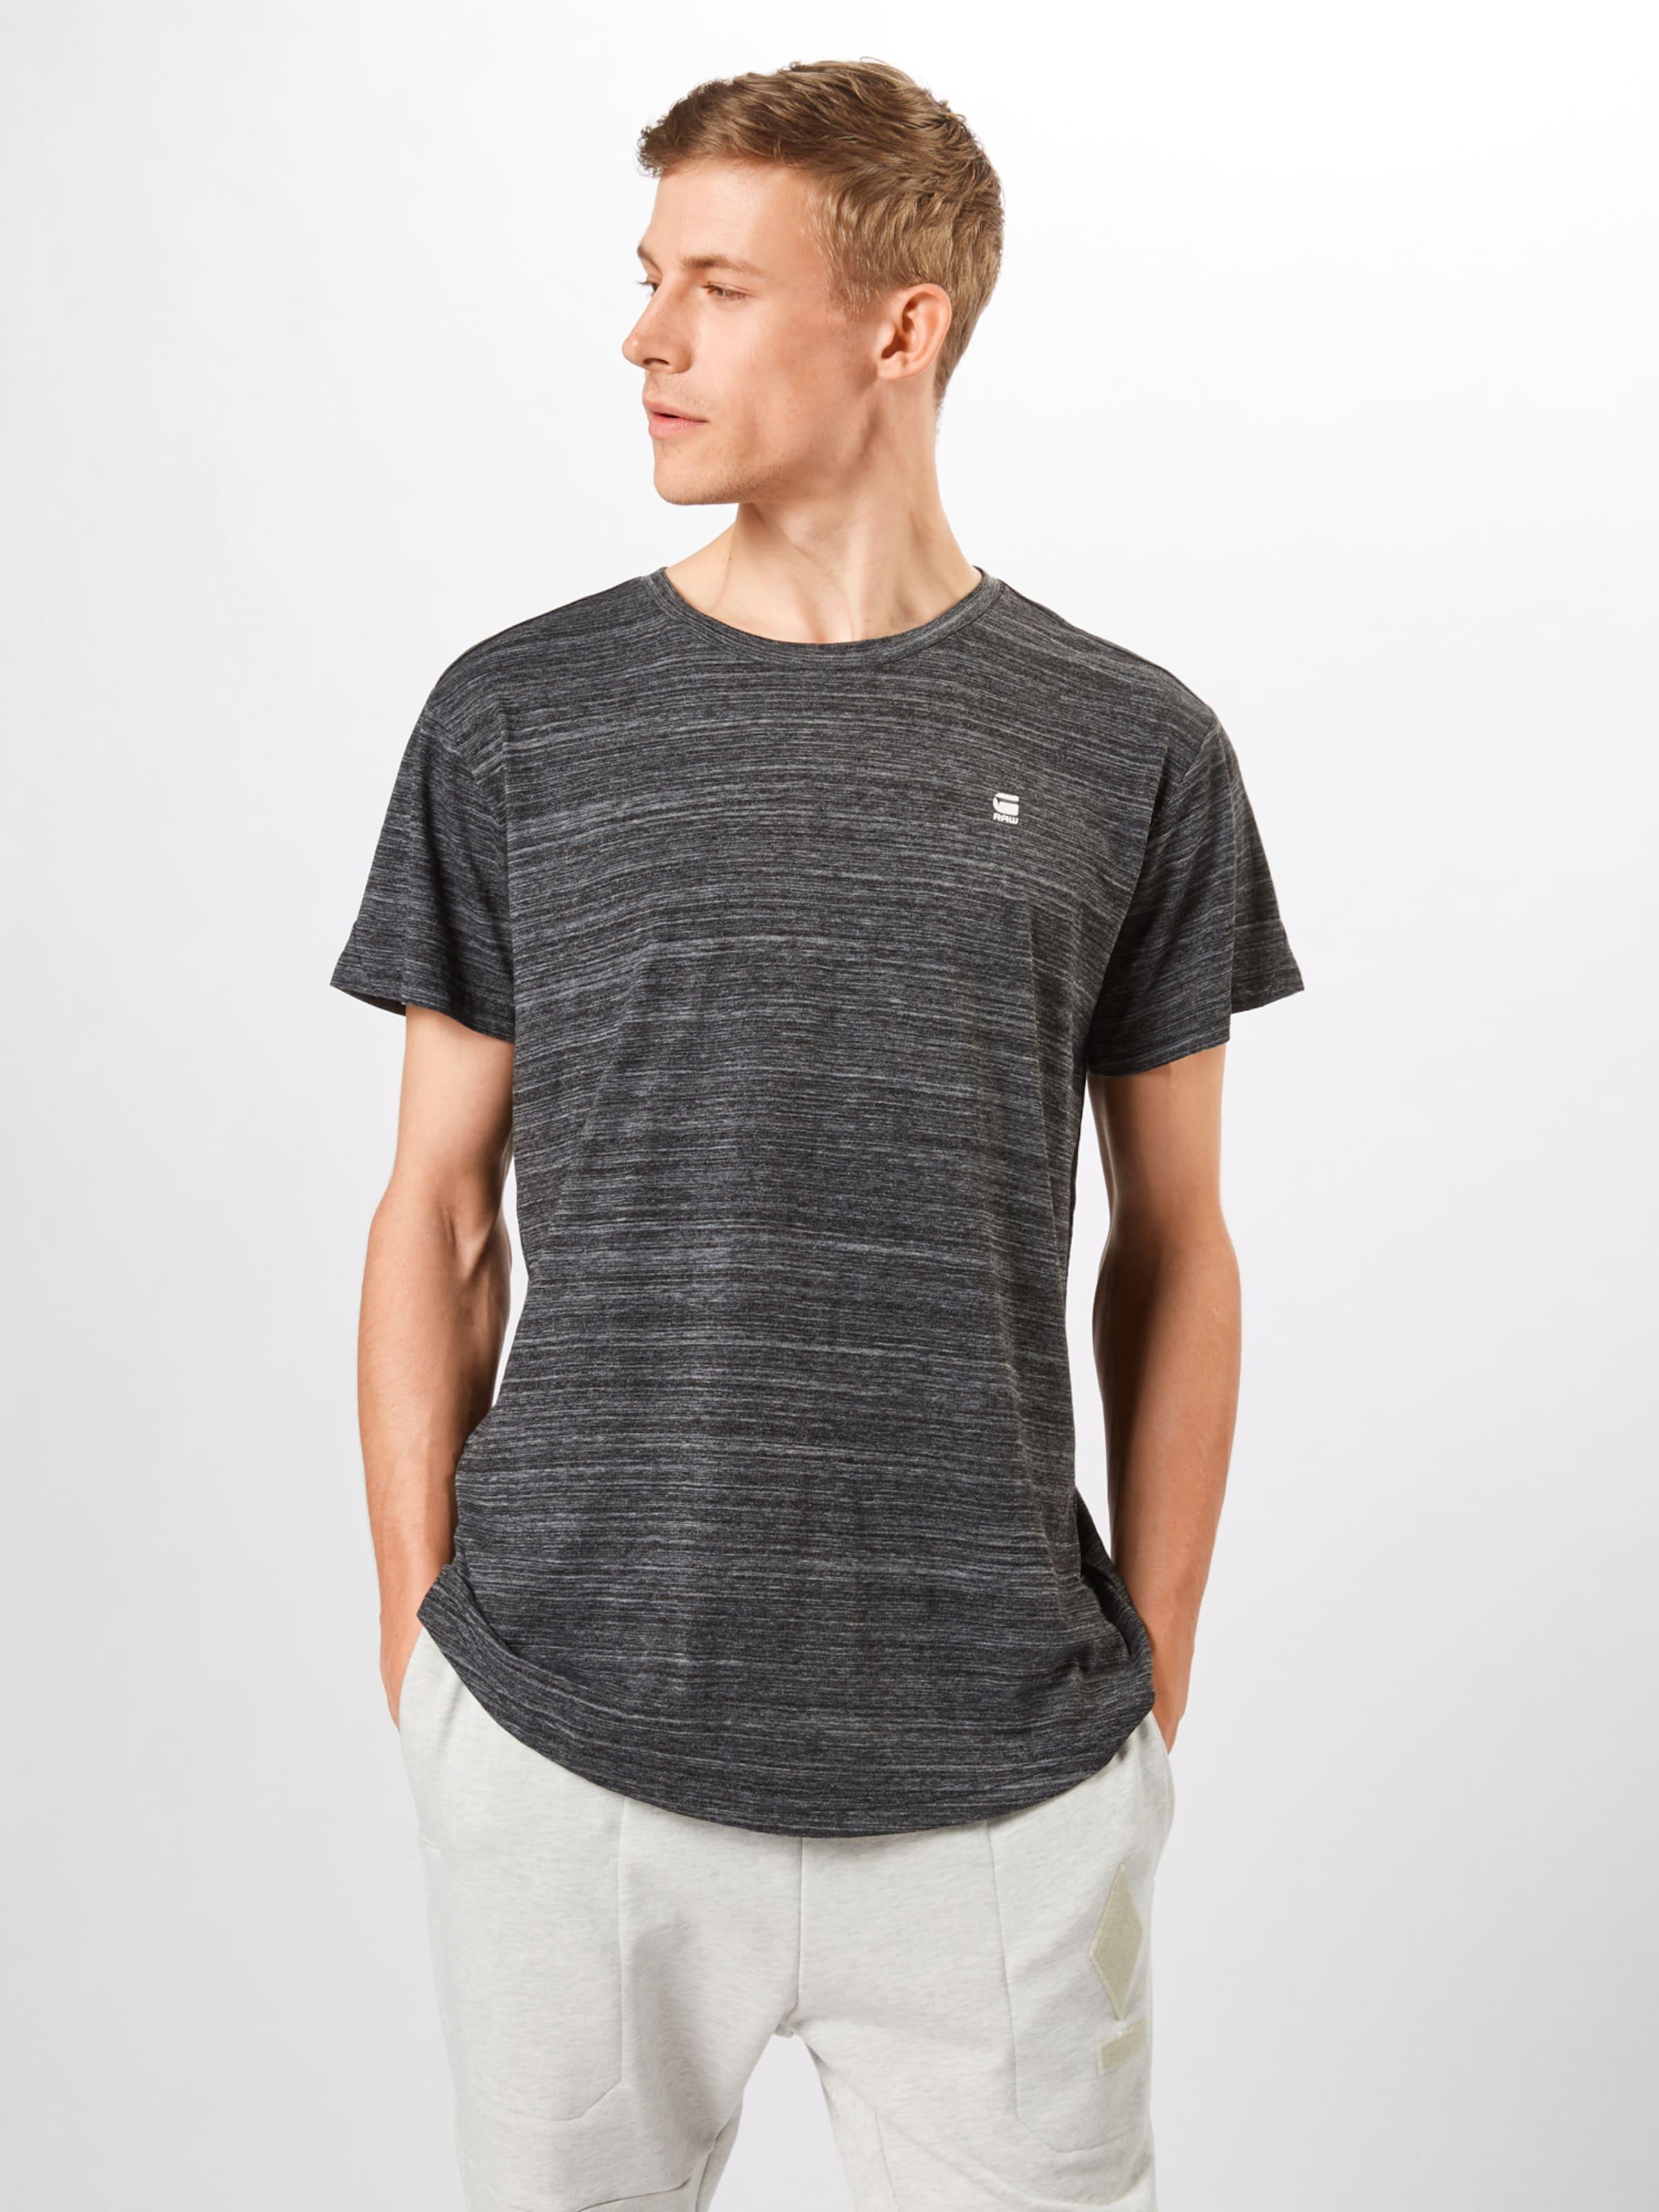 Raw Graumeliert In G star Shirt hCstxQrBd